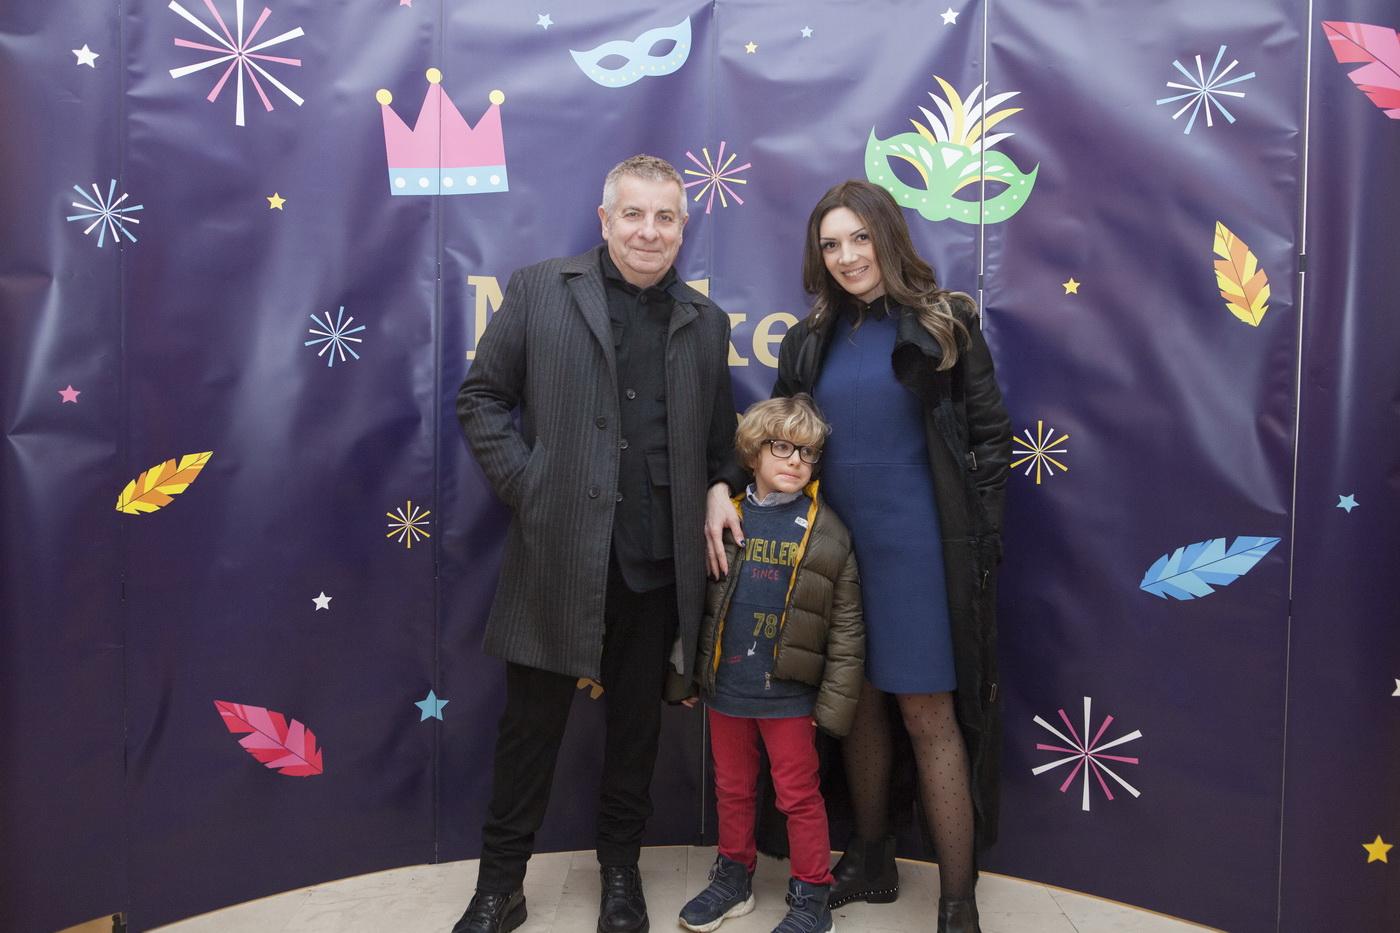 Maske_za_osmijeh_26_Ivica Propadalo, supruga Dragana Todorovic, unuk Andro resize_1